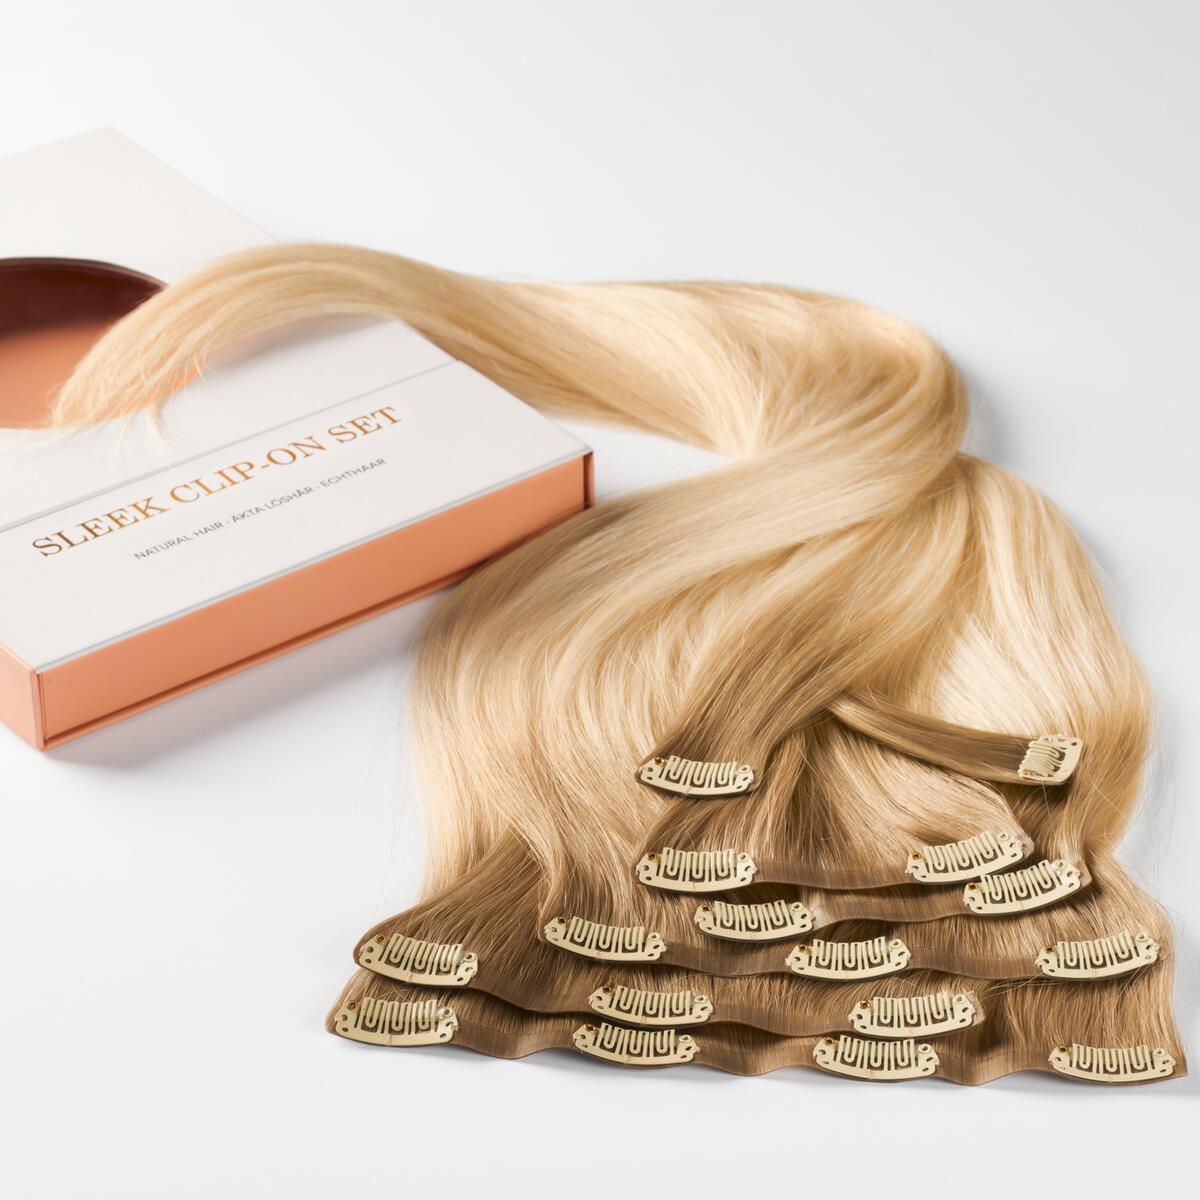 Sleek Clip-on set B7.3/10.10 Cool Platinum Blonde Balayage 50 cm